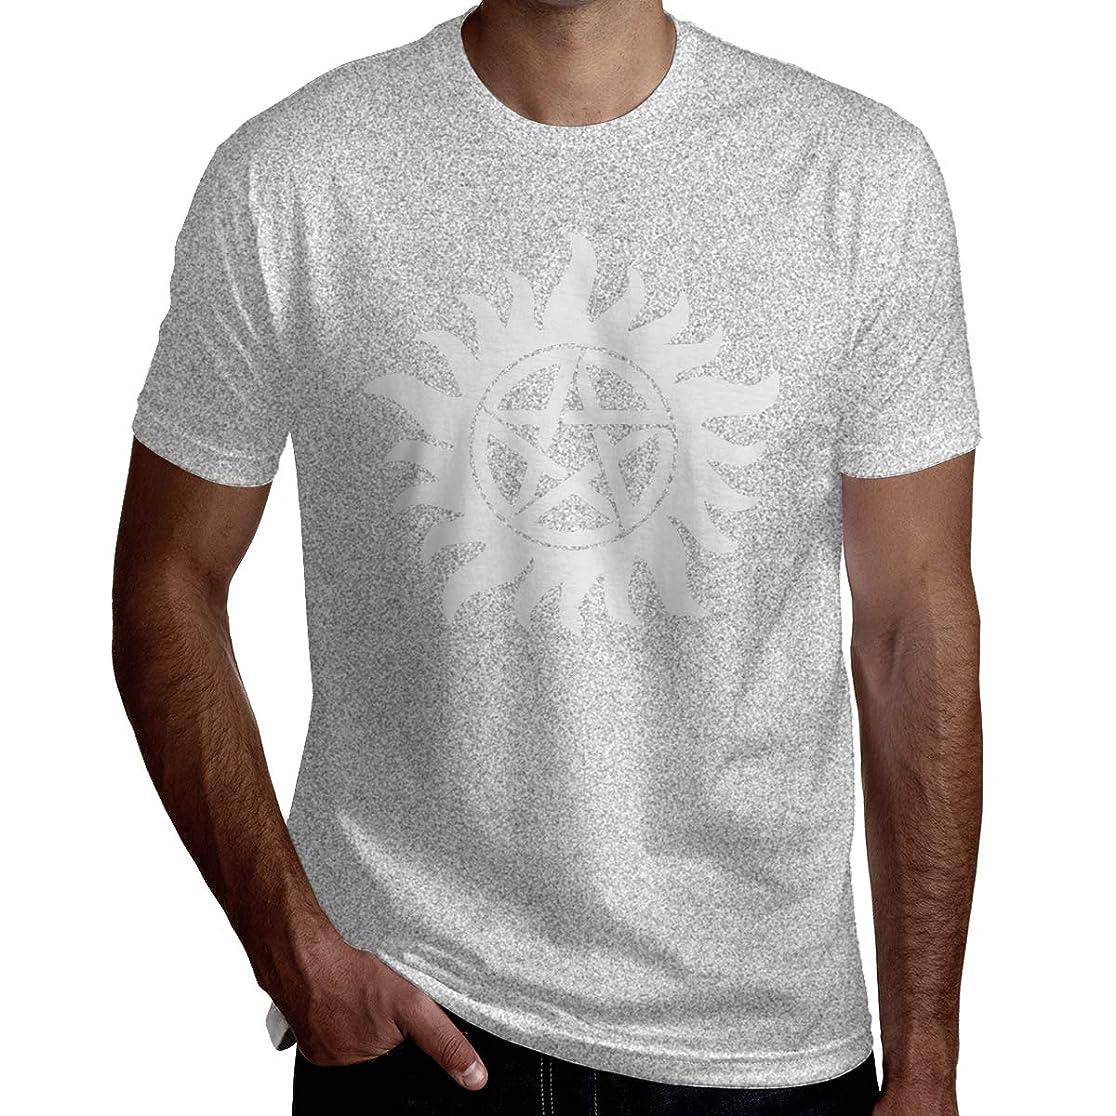 自治非武装化名門五角星の太陽 メンズ シャツ 半袖 薄手 カットソー カジュアル トップス オリジナル プリント シンプル ファッション